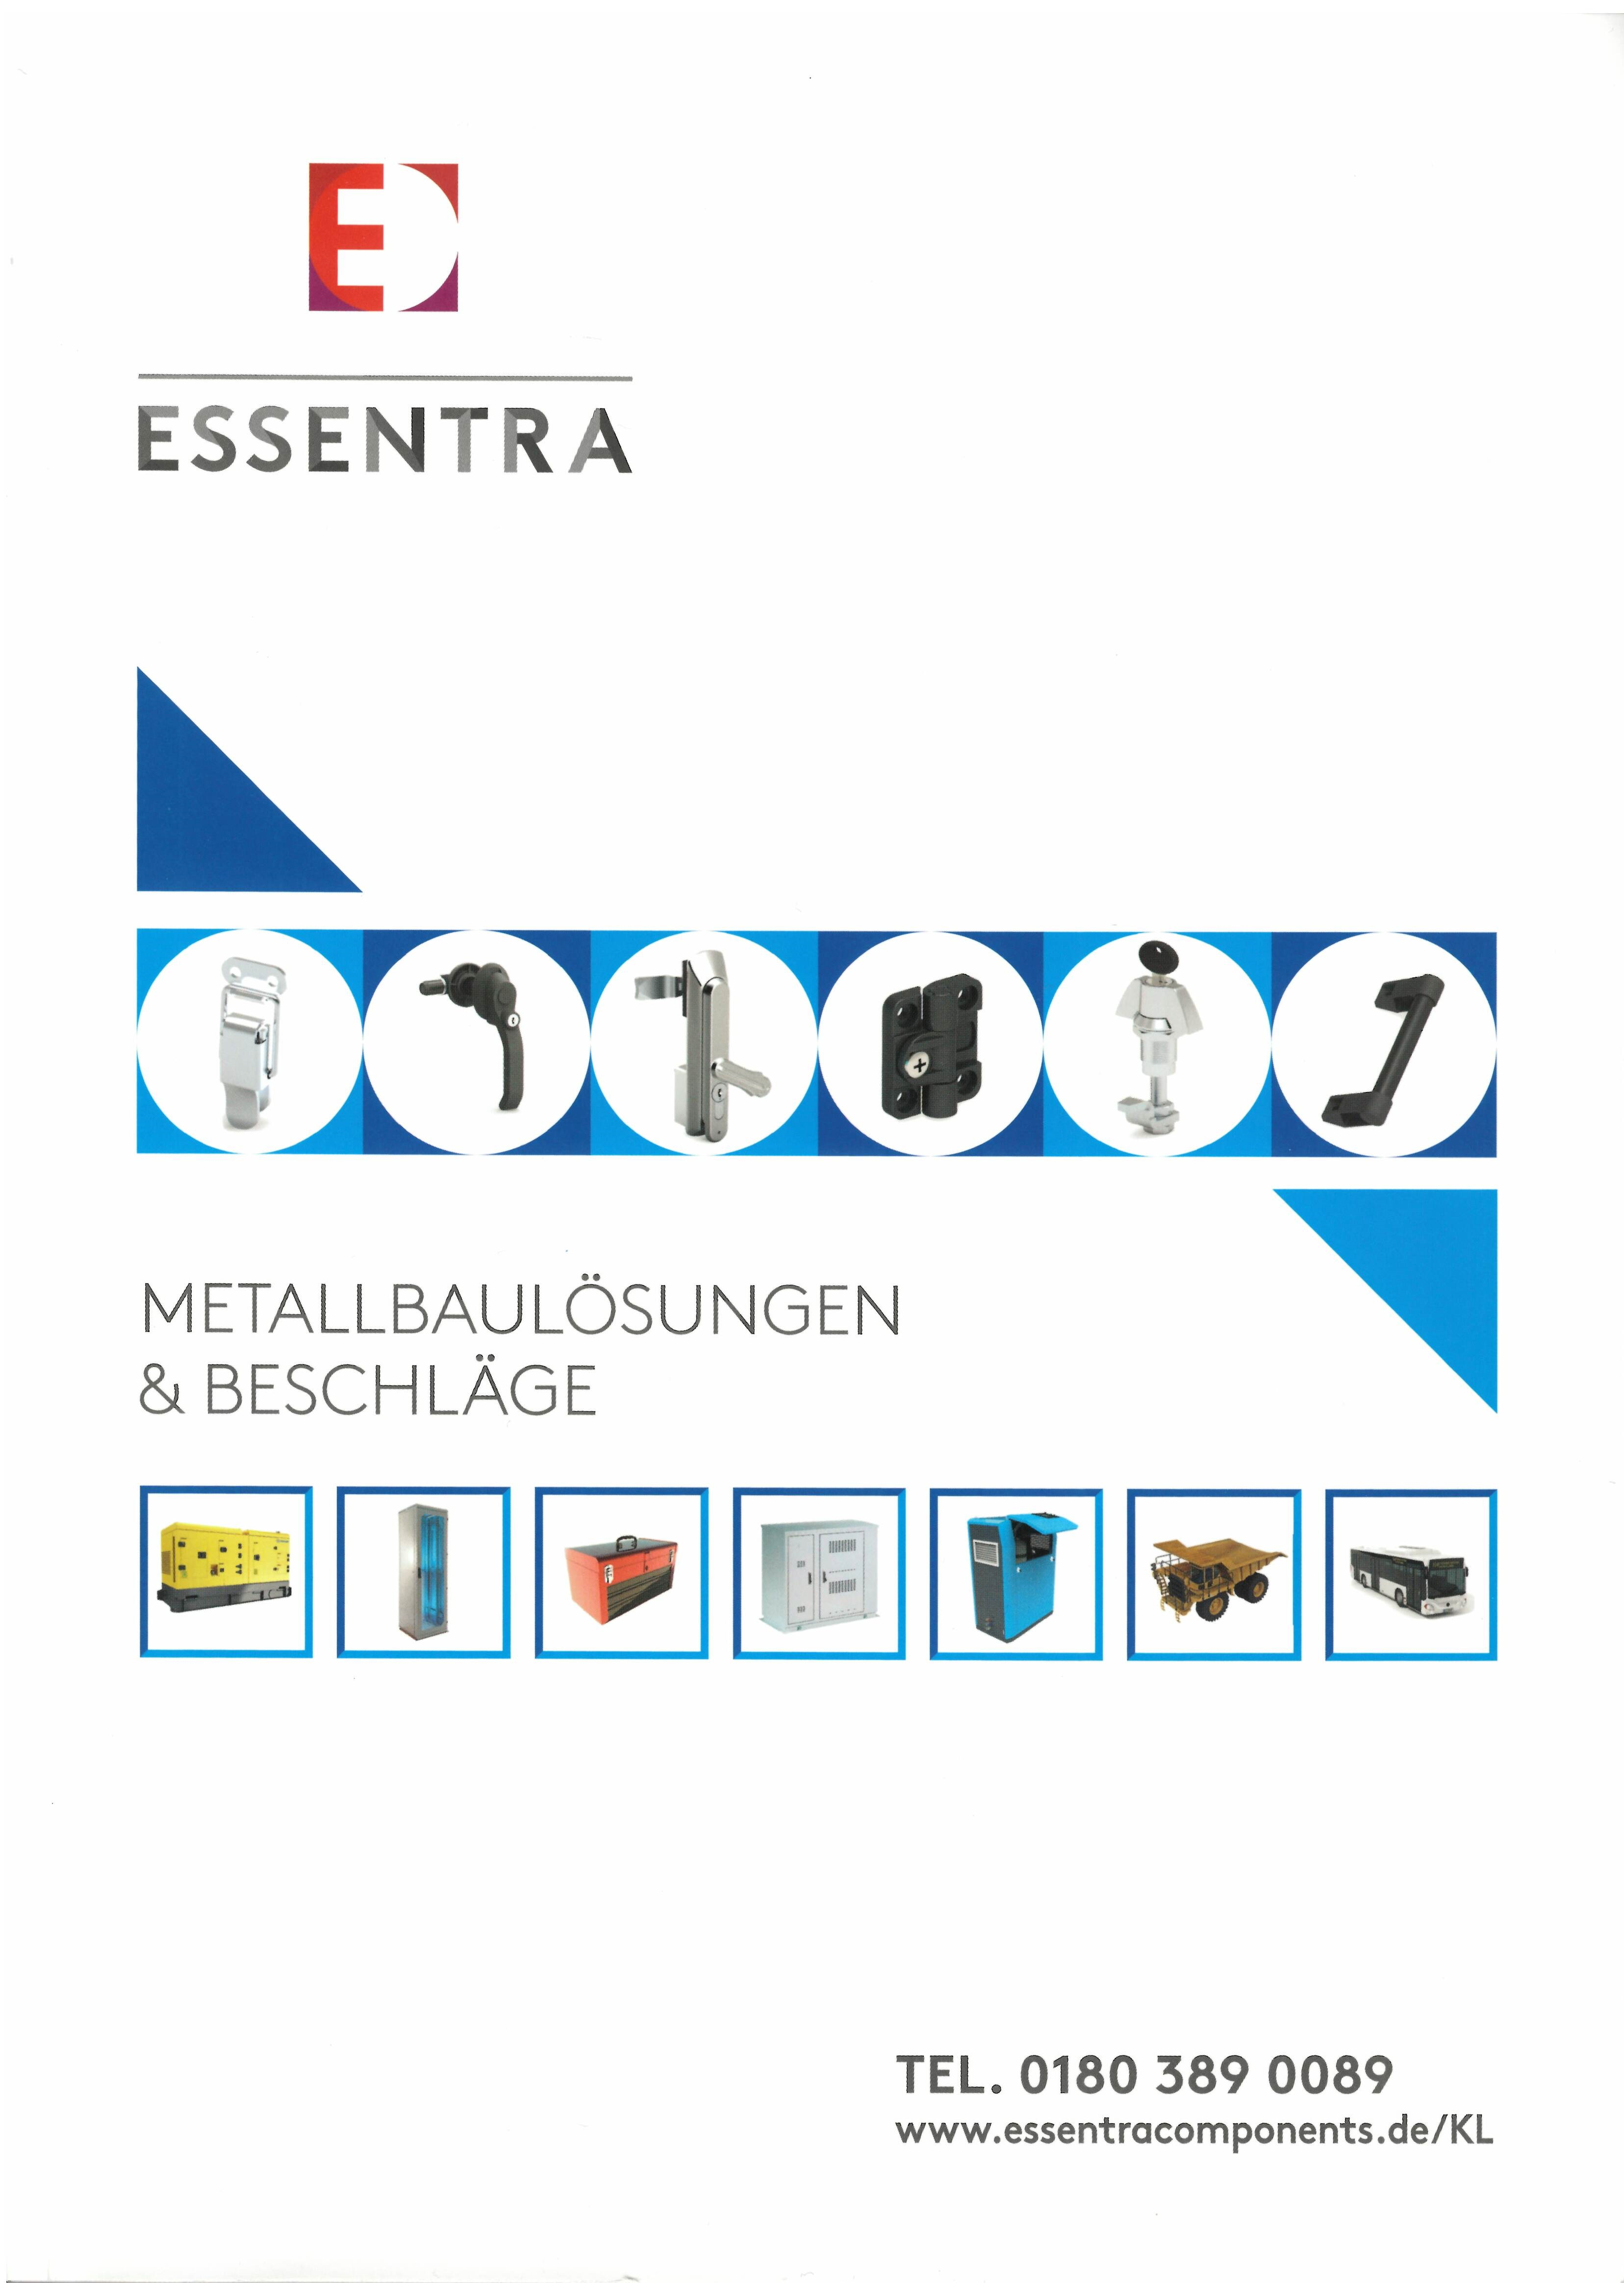 Wir entwickeln leistungsstarke, innovative, ergonomische und kundenorientierte Komponenten im Bereic...